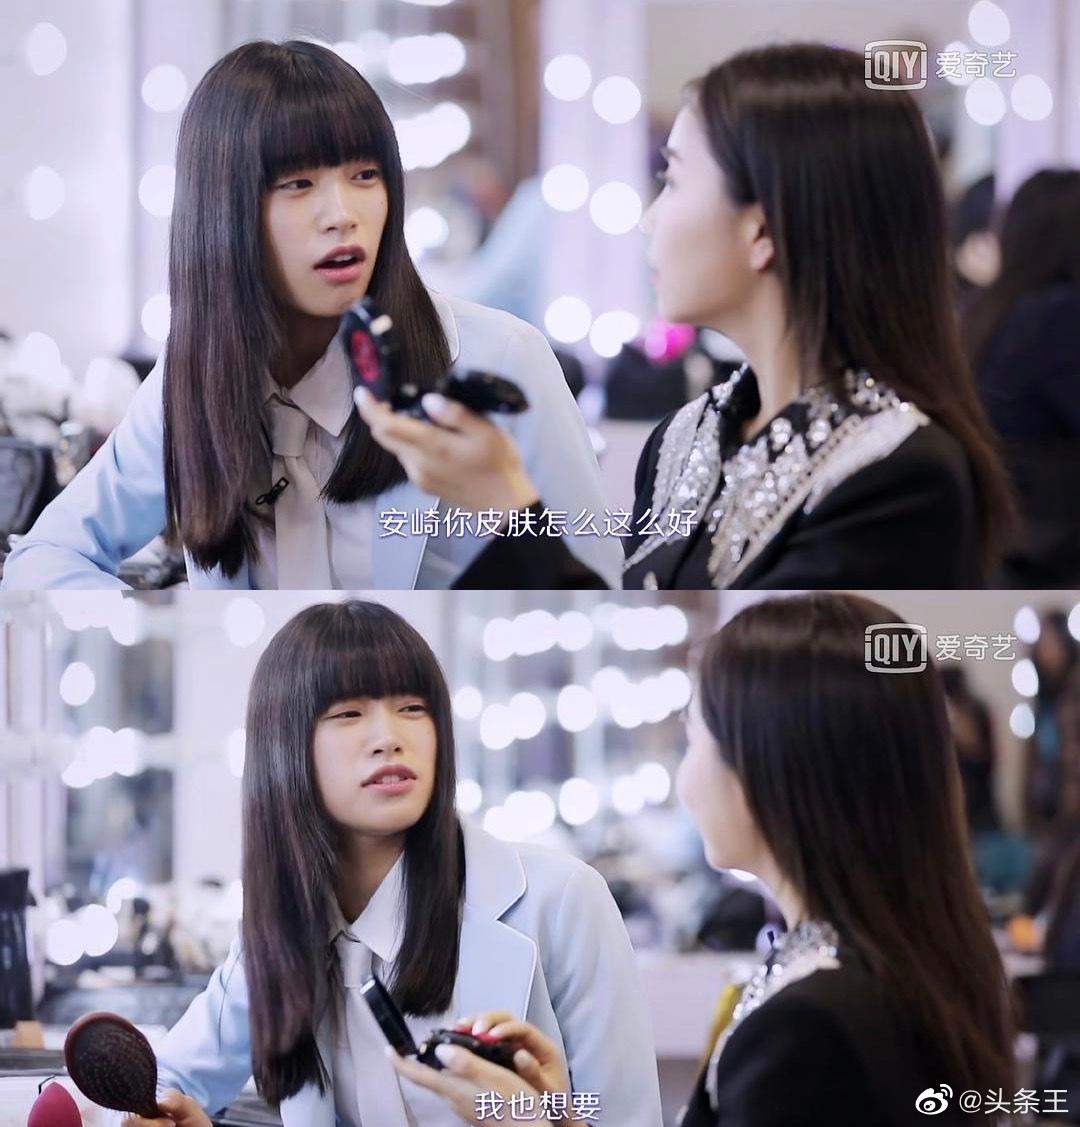 段小薇撞脸魏大勋,有网友觉得她就是女装版的魏大勋